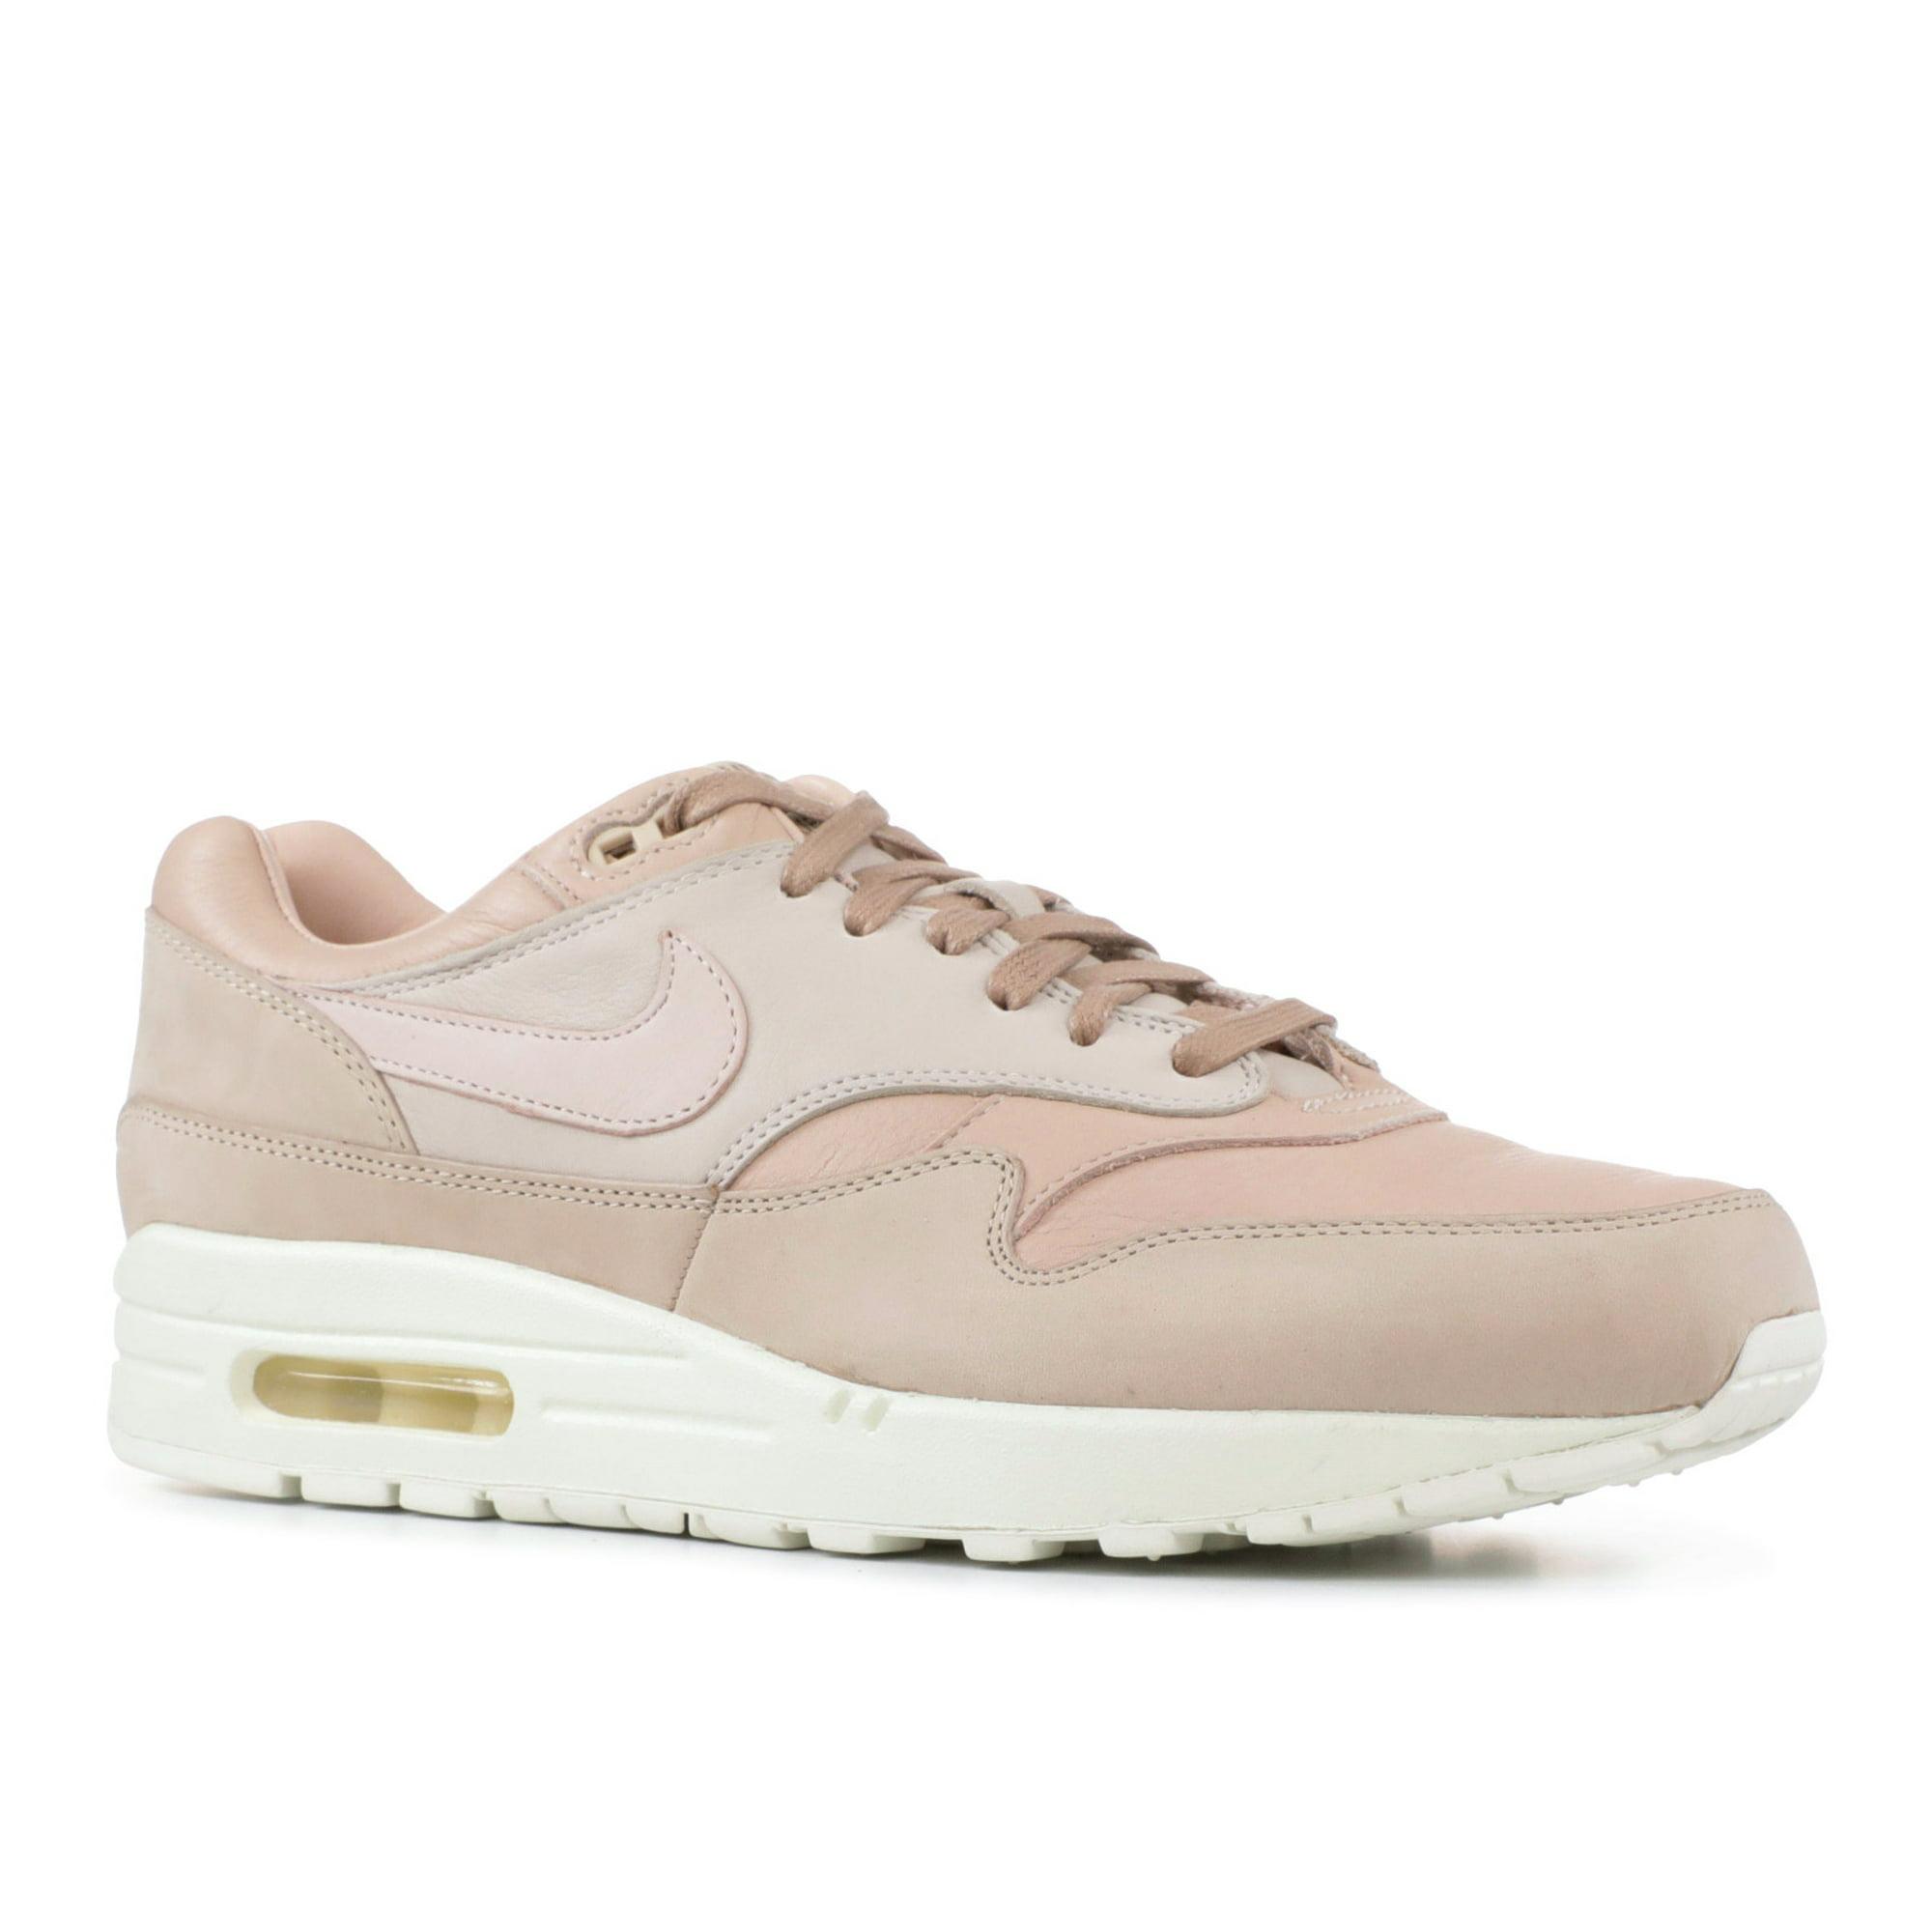 Nike Men Nikelab Air Max 1 Pinnacle 859554 201 Size 10.5